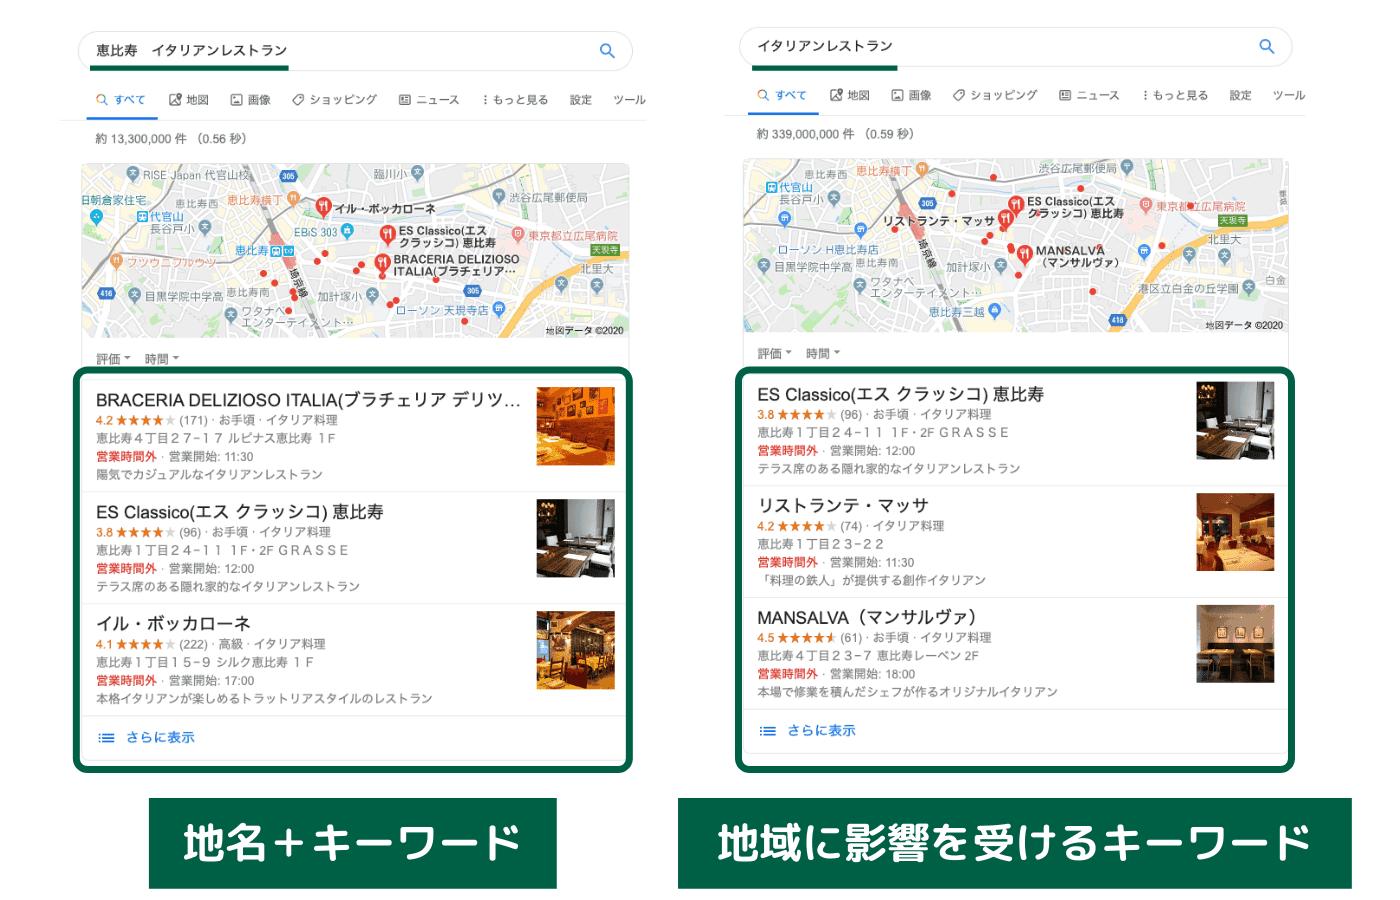 ローカル検索には2種類の方法があり、表示される検索結果が異なります。